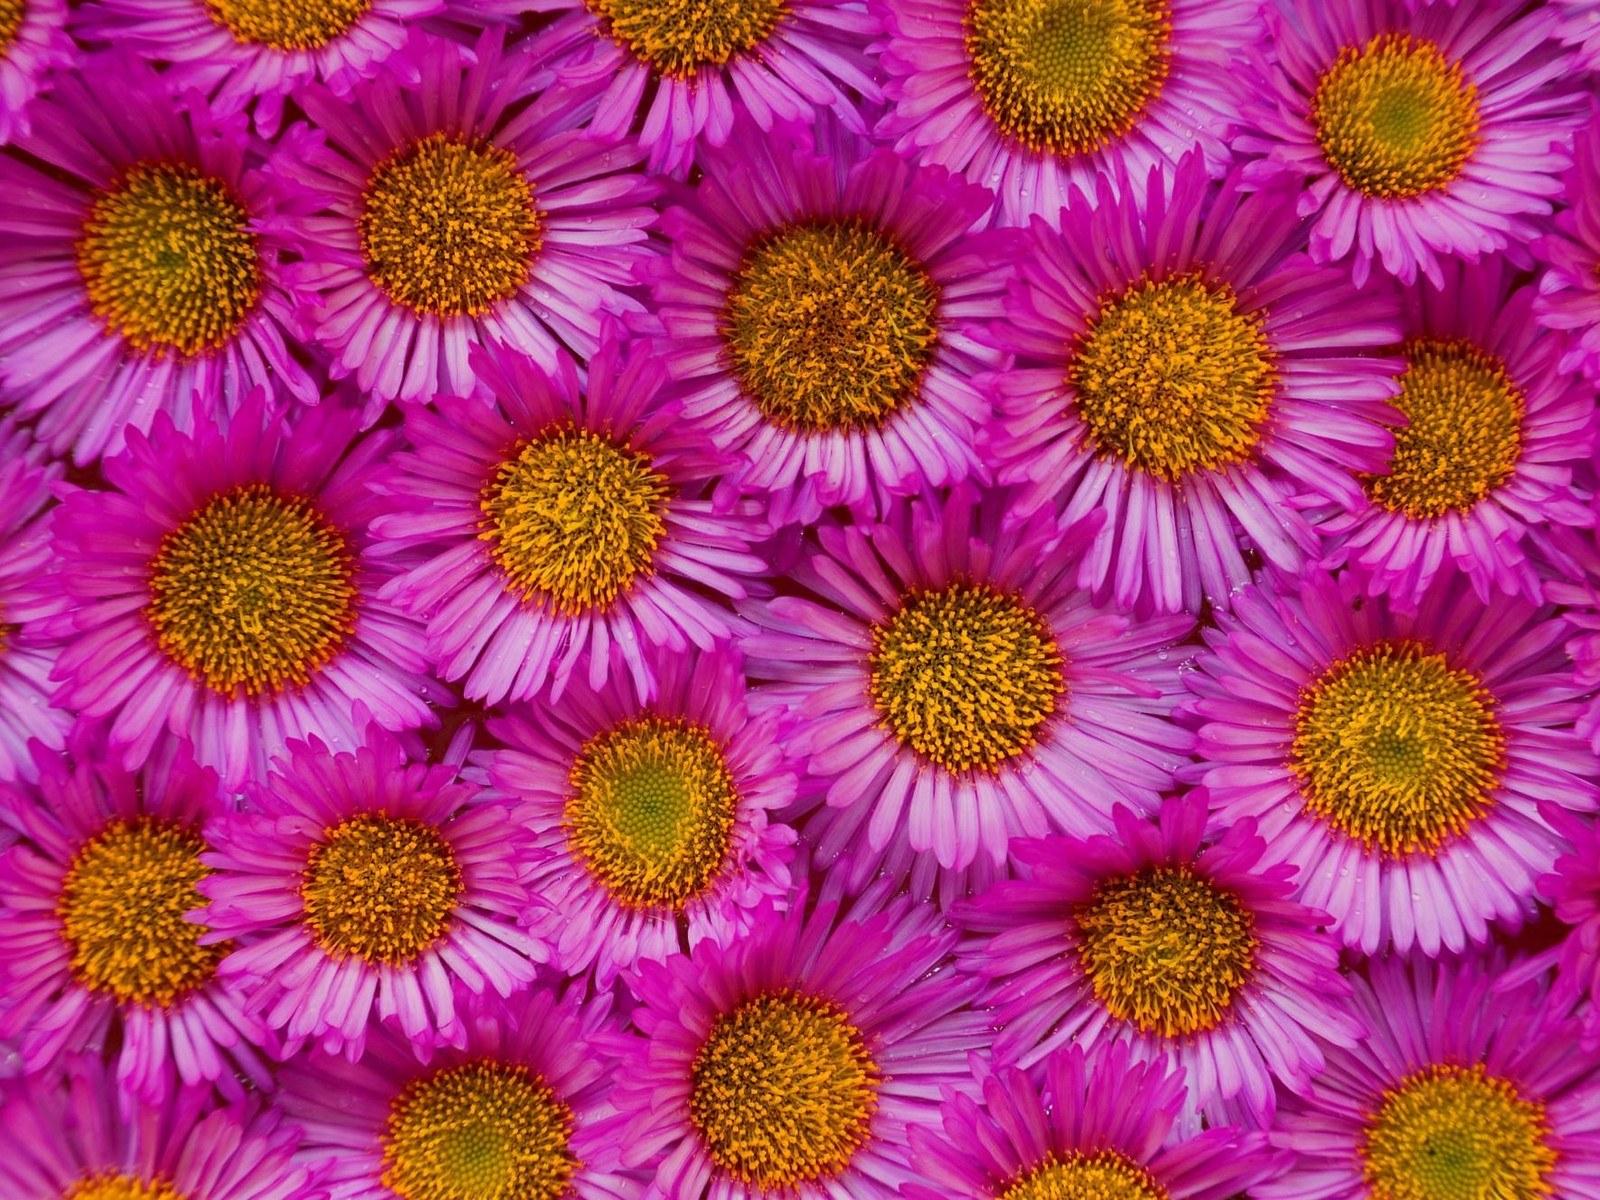 9703 скачать обои Растения, Цветы, Фон - заставки и картинки бесплатно